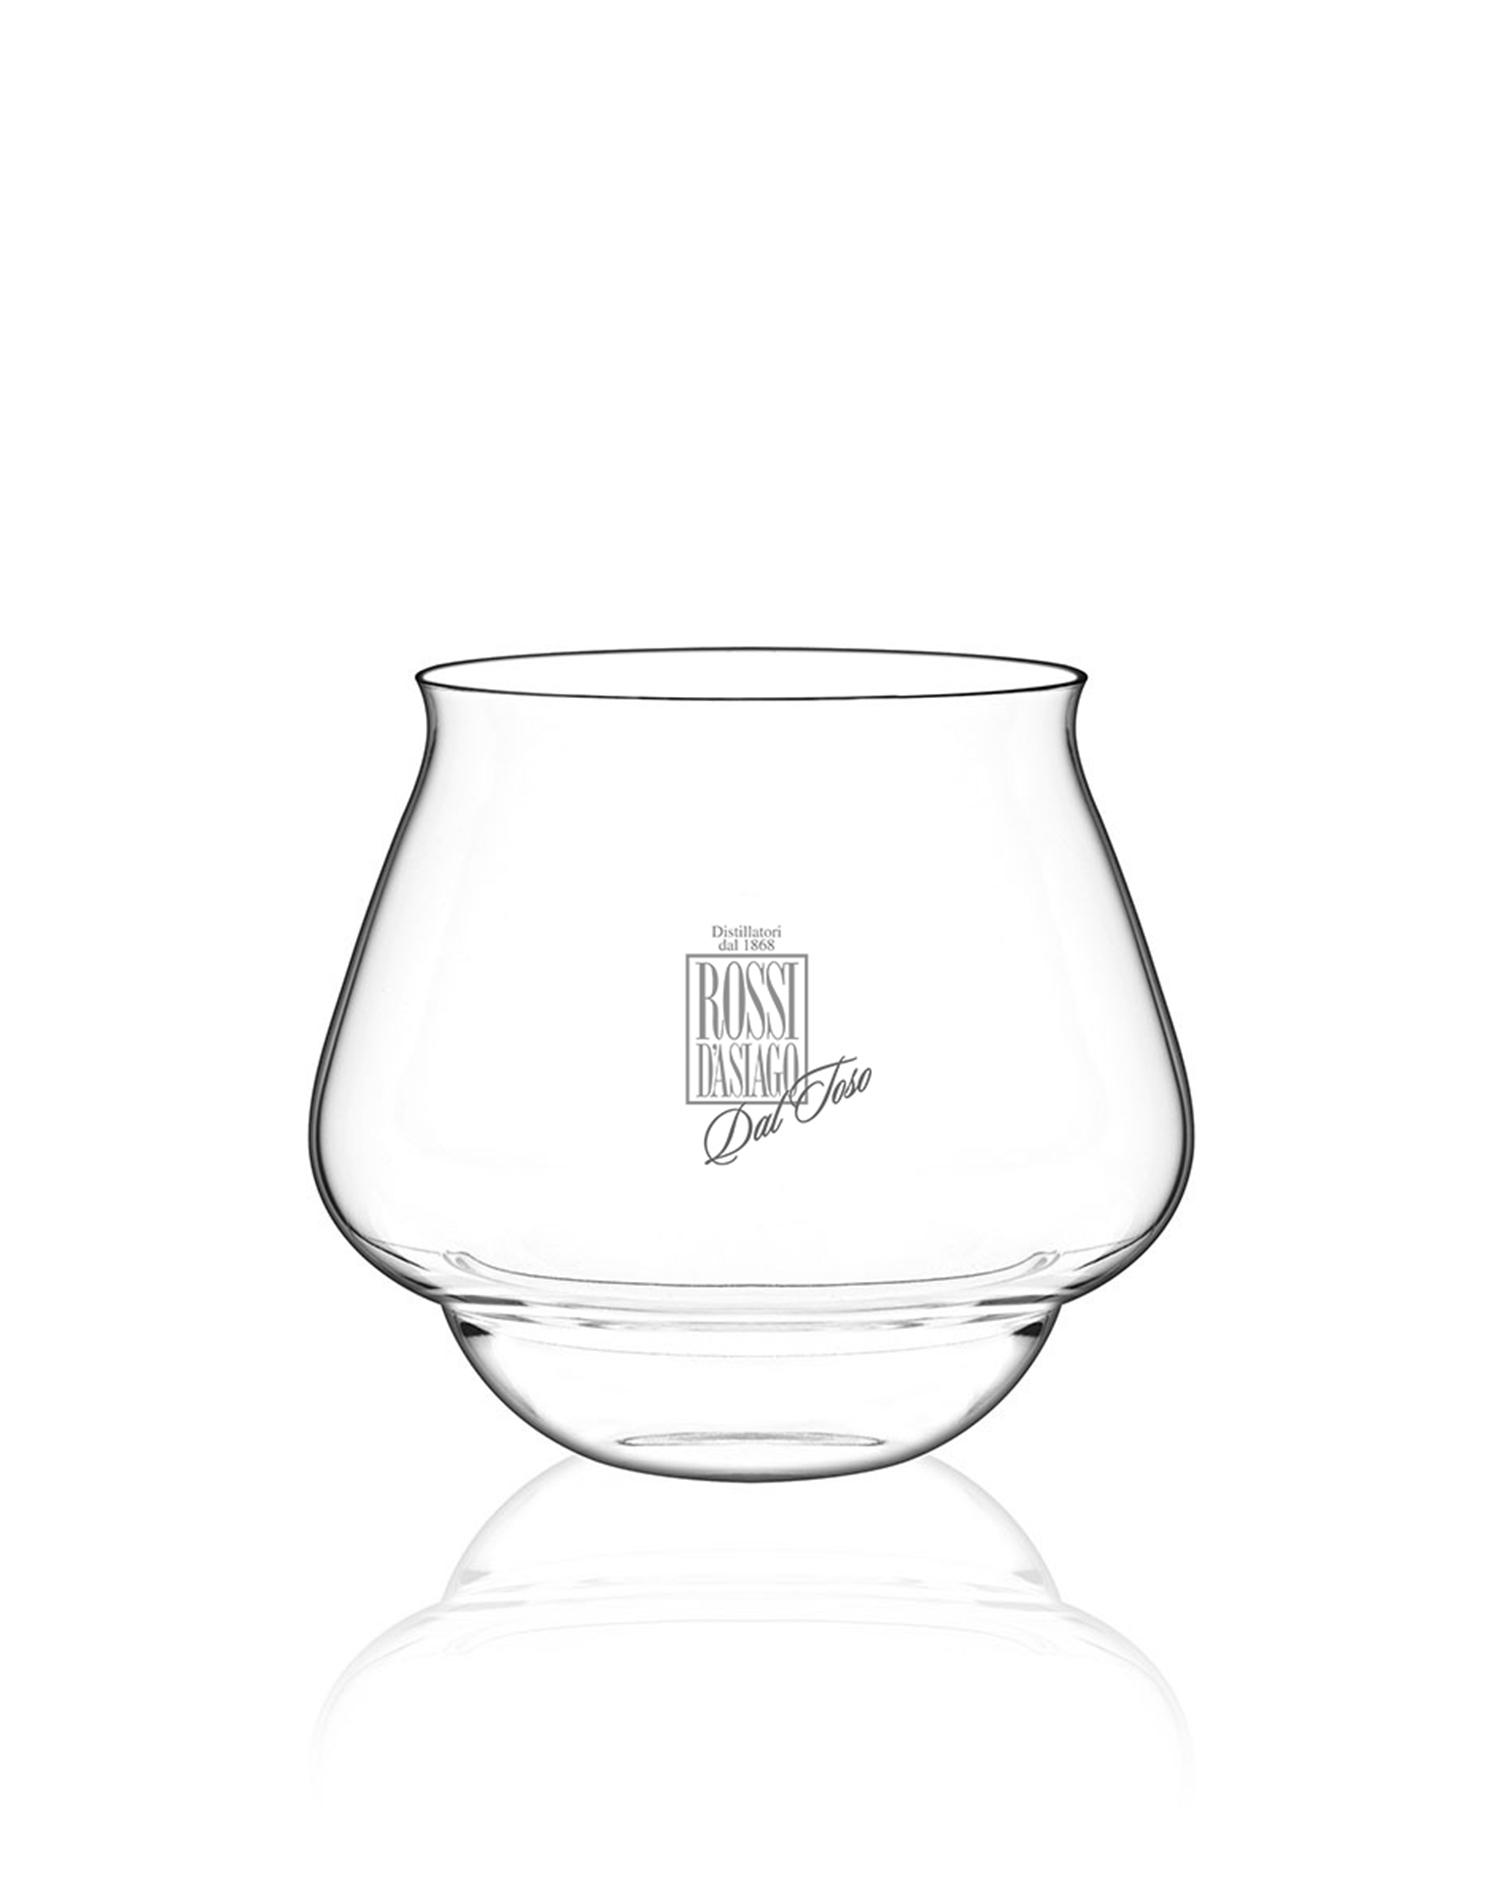 Bicchieri Rossi d'Asiago